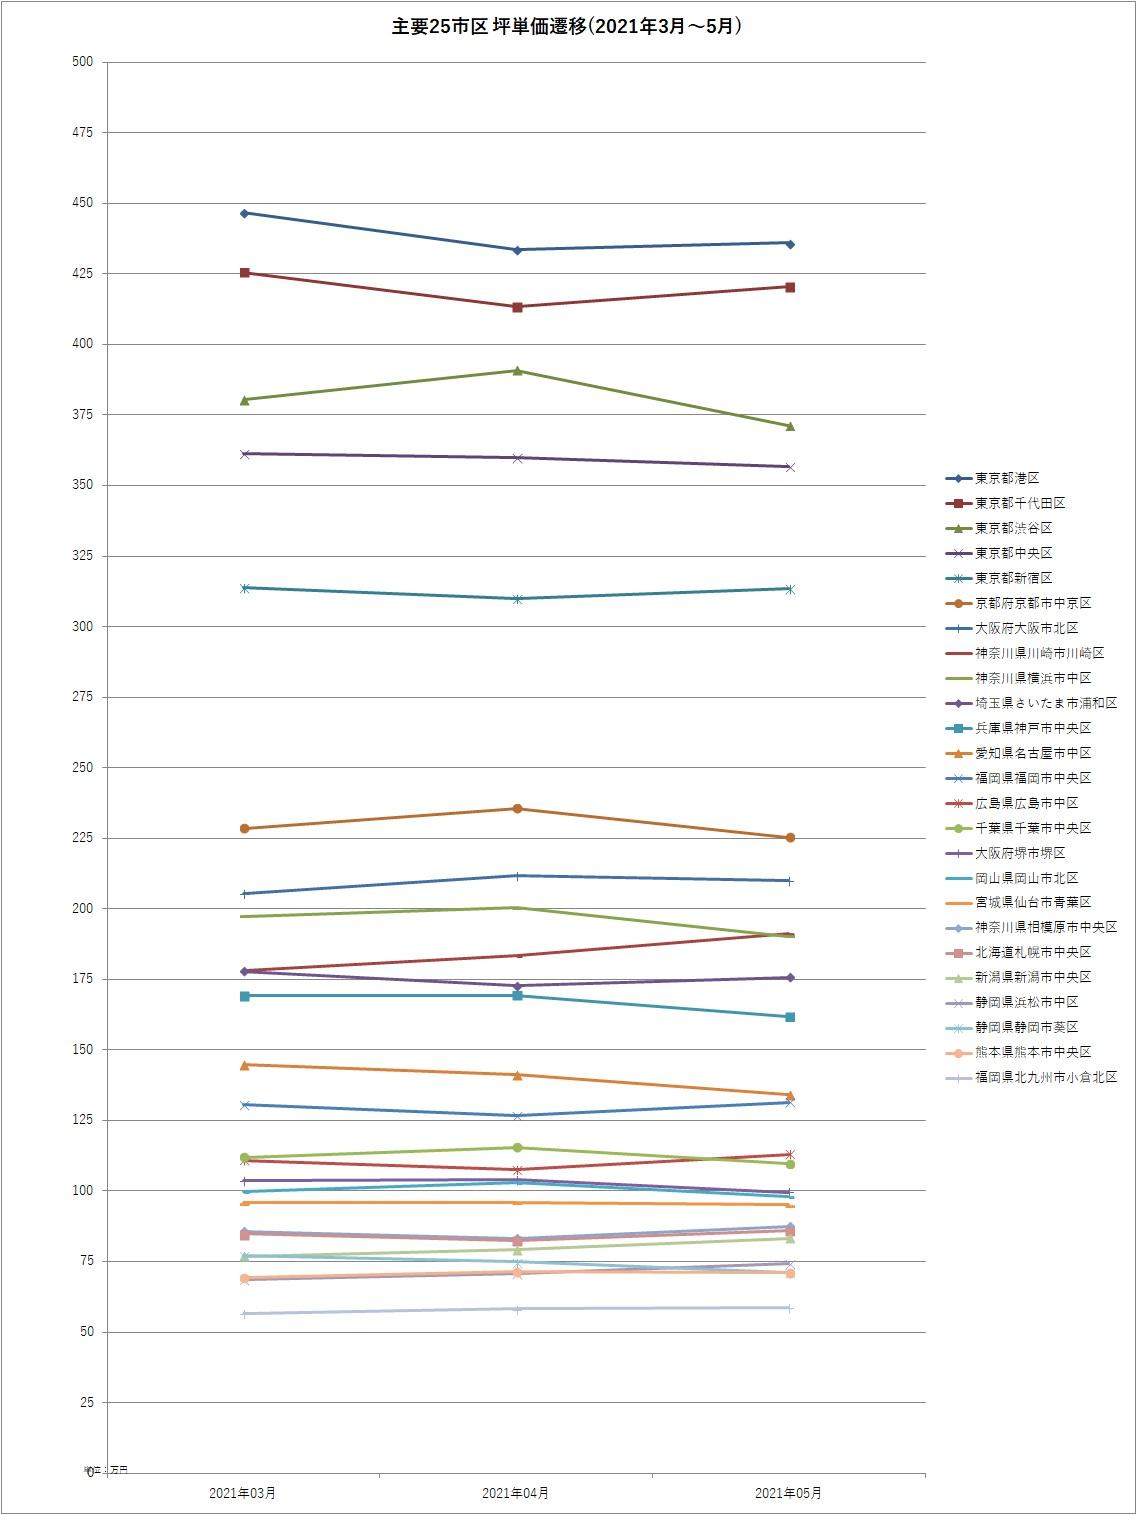 主要25市区坪単価遷移(2021年3月~5月)